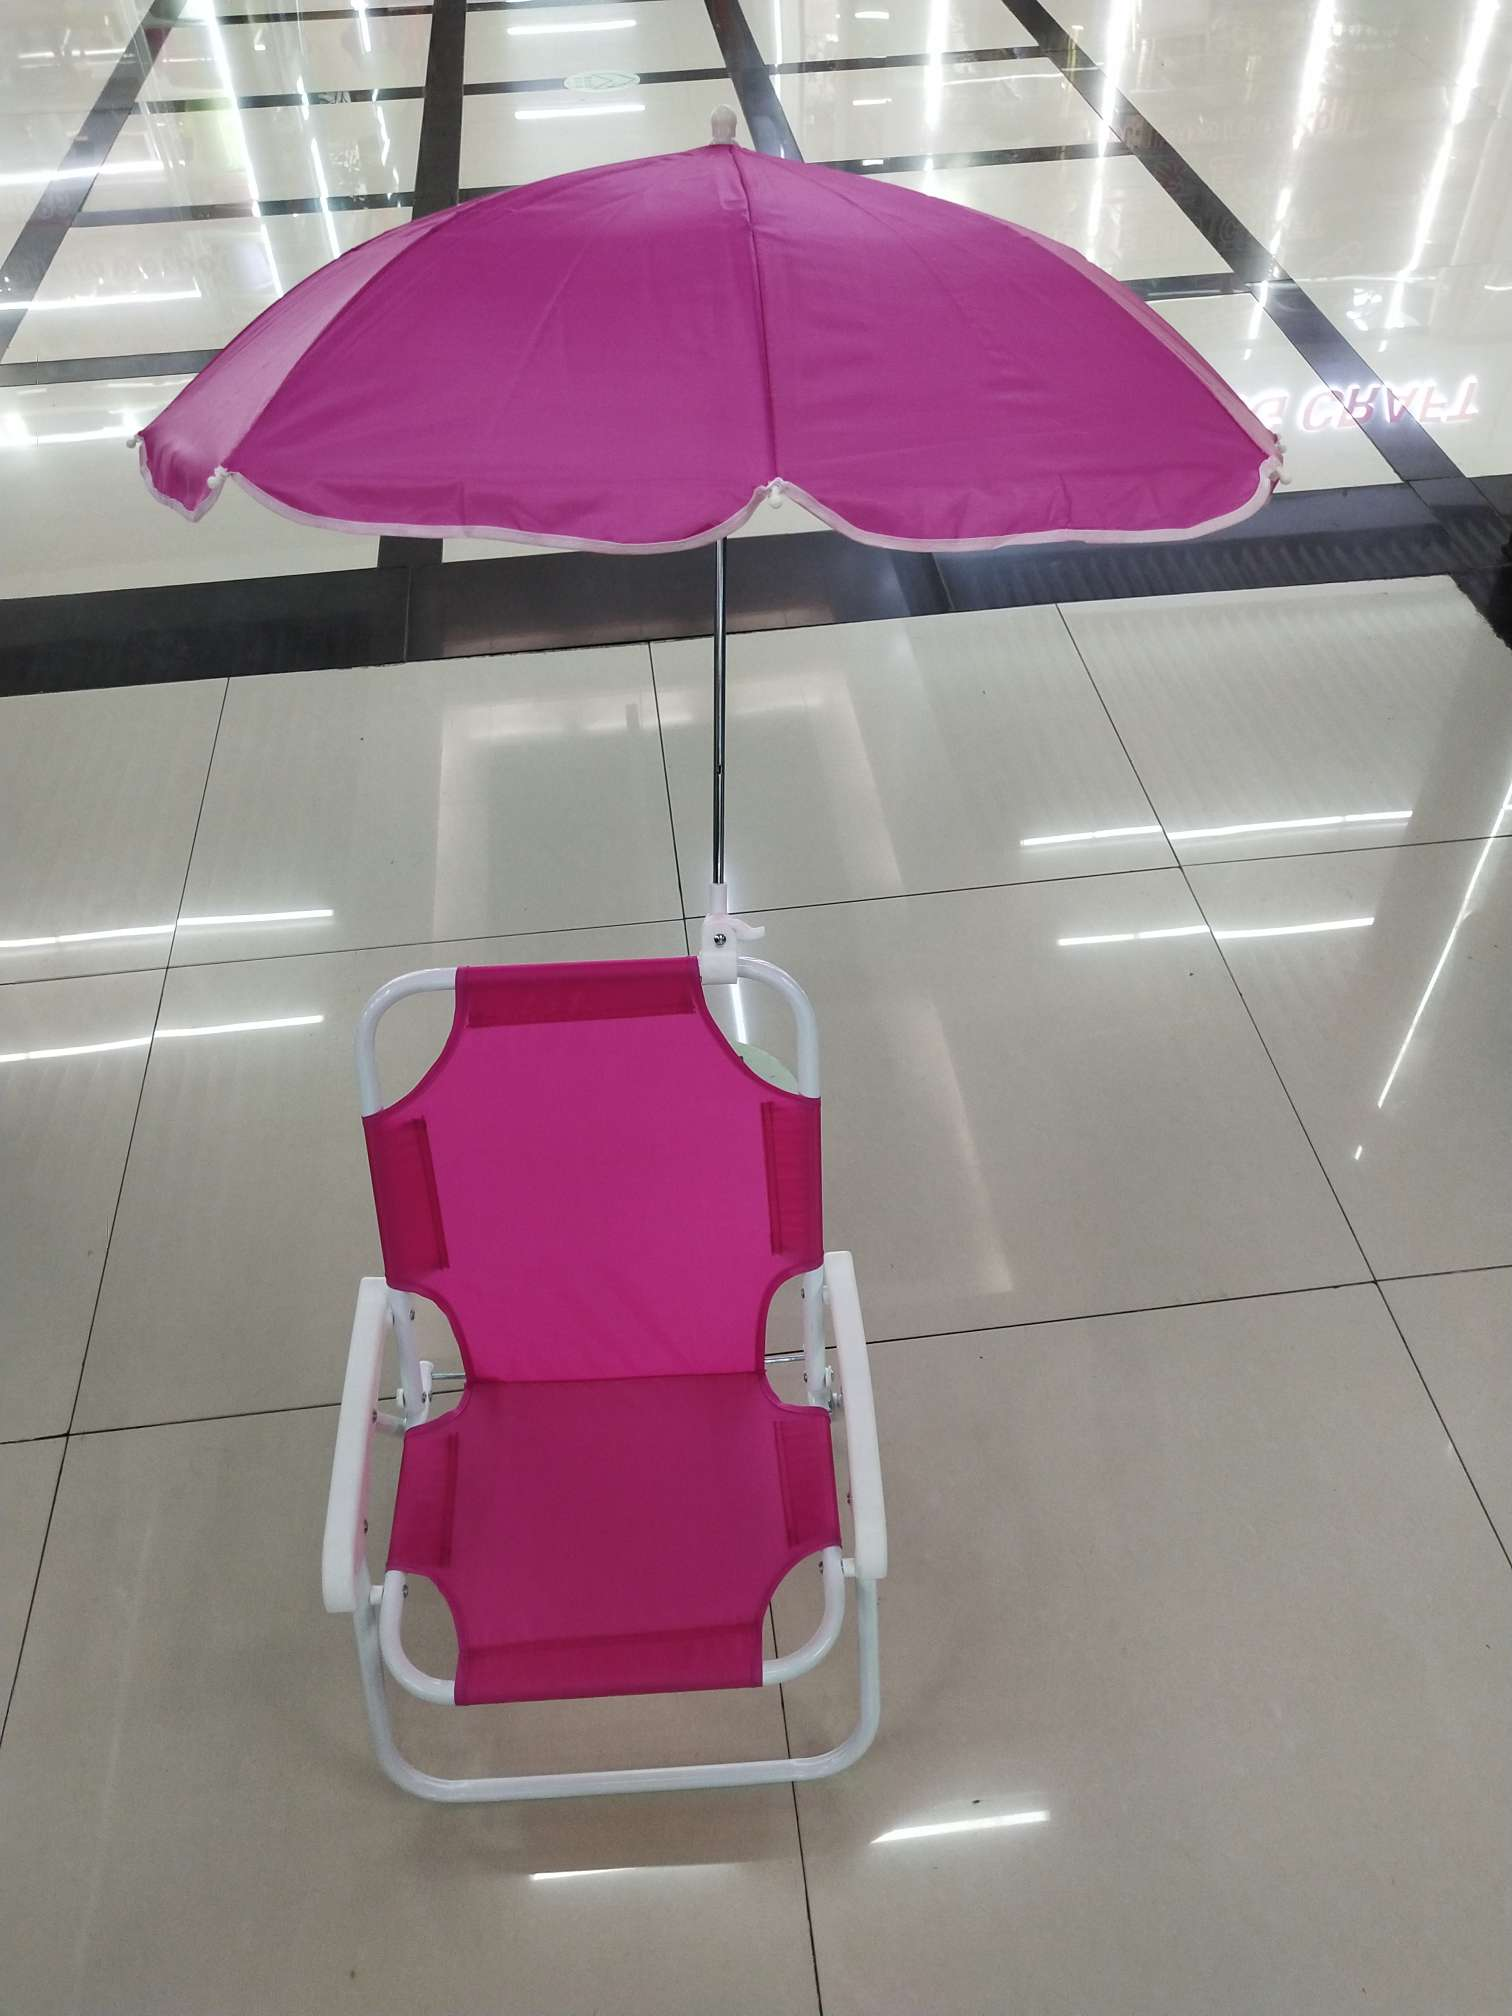 儿童椅休闲椅儿童小椅子带伞折叠宝宝椅携带方便